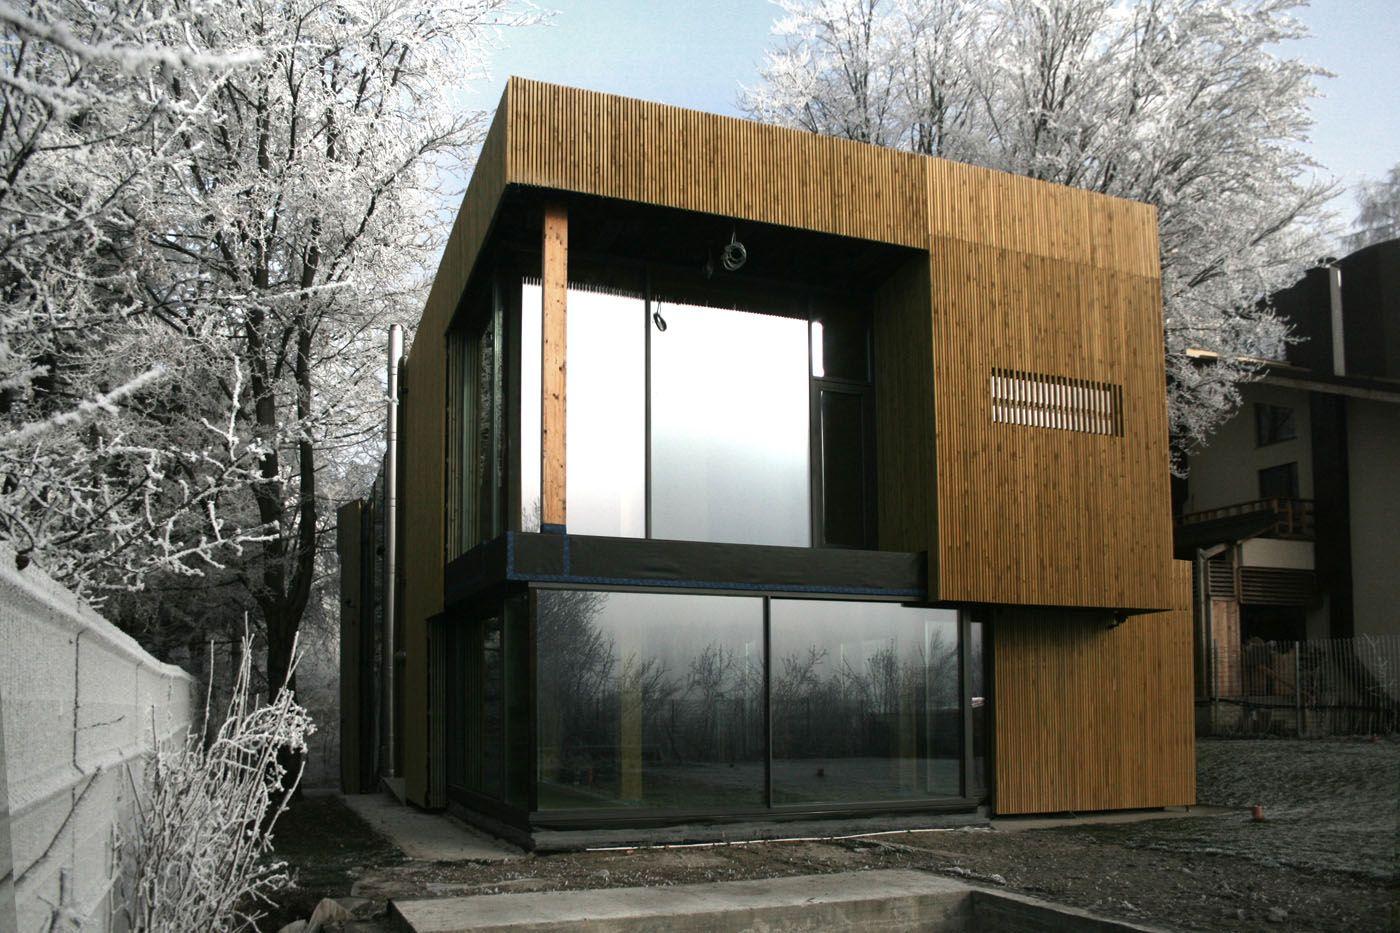 Casa Passiva nella foresta. Architettura sostenibile immersa nella natura   LegnoOnWeb